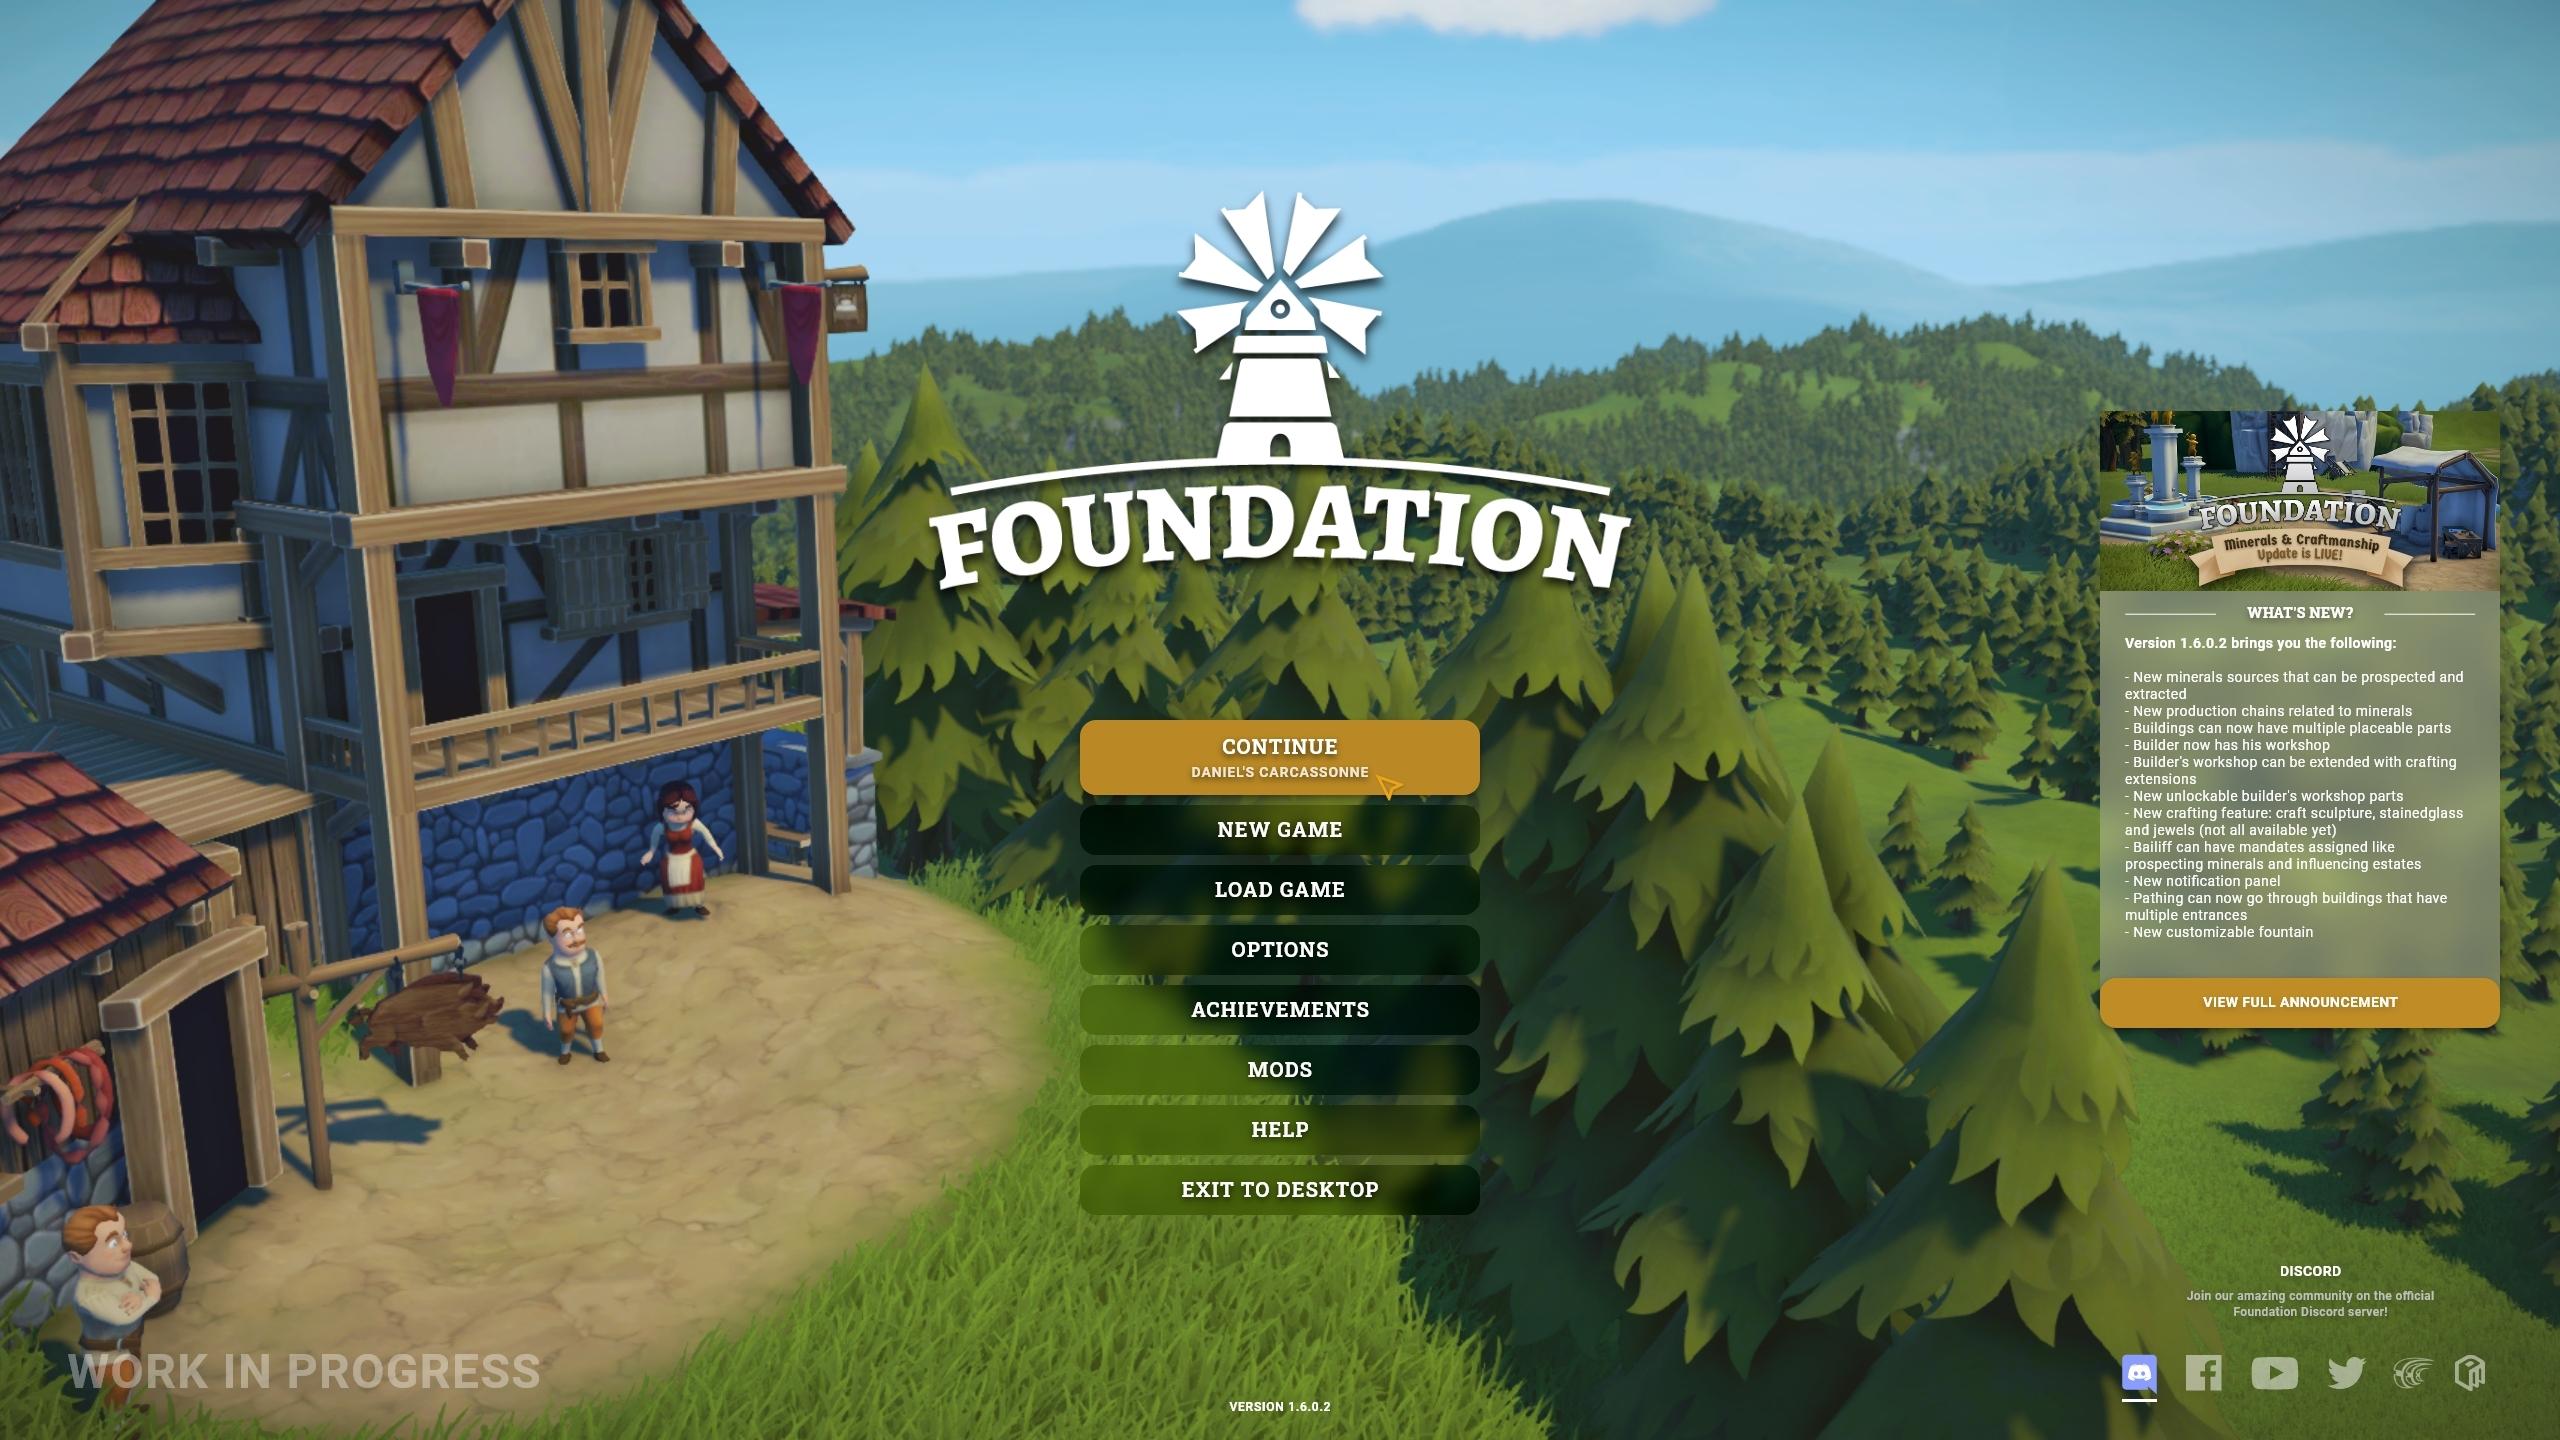 Una captura de pantalla de trabajo en progreso de la nueva interfaz de usuario para Foundation, esta que muestra la pantalla de título.  Hay una lista clara de elementos de menú como Continuar, Nuevo juego, Cargar juego, cada uno en letra clara en un botón de sombra oscura.  Los botones se iluminan con un color marrón dorado cuando se seleccionan.